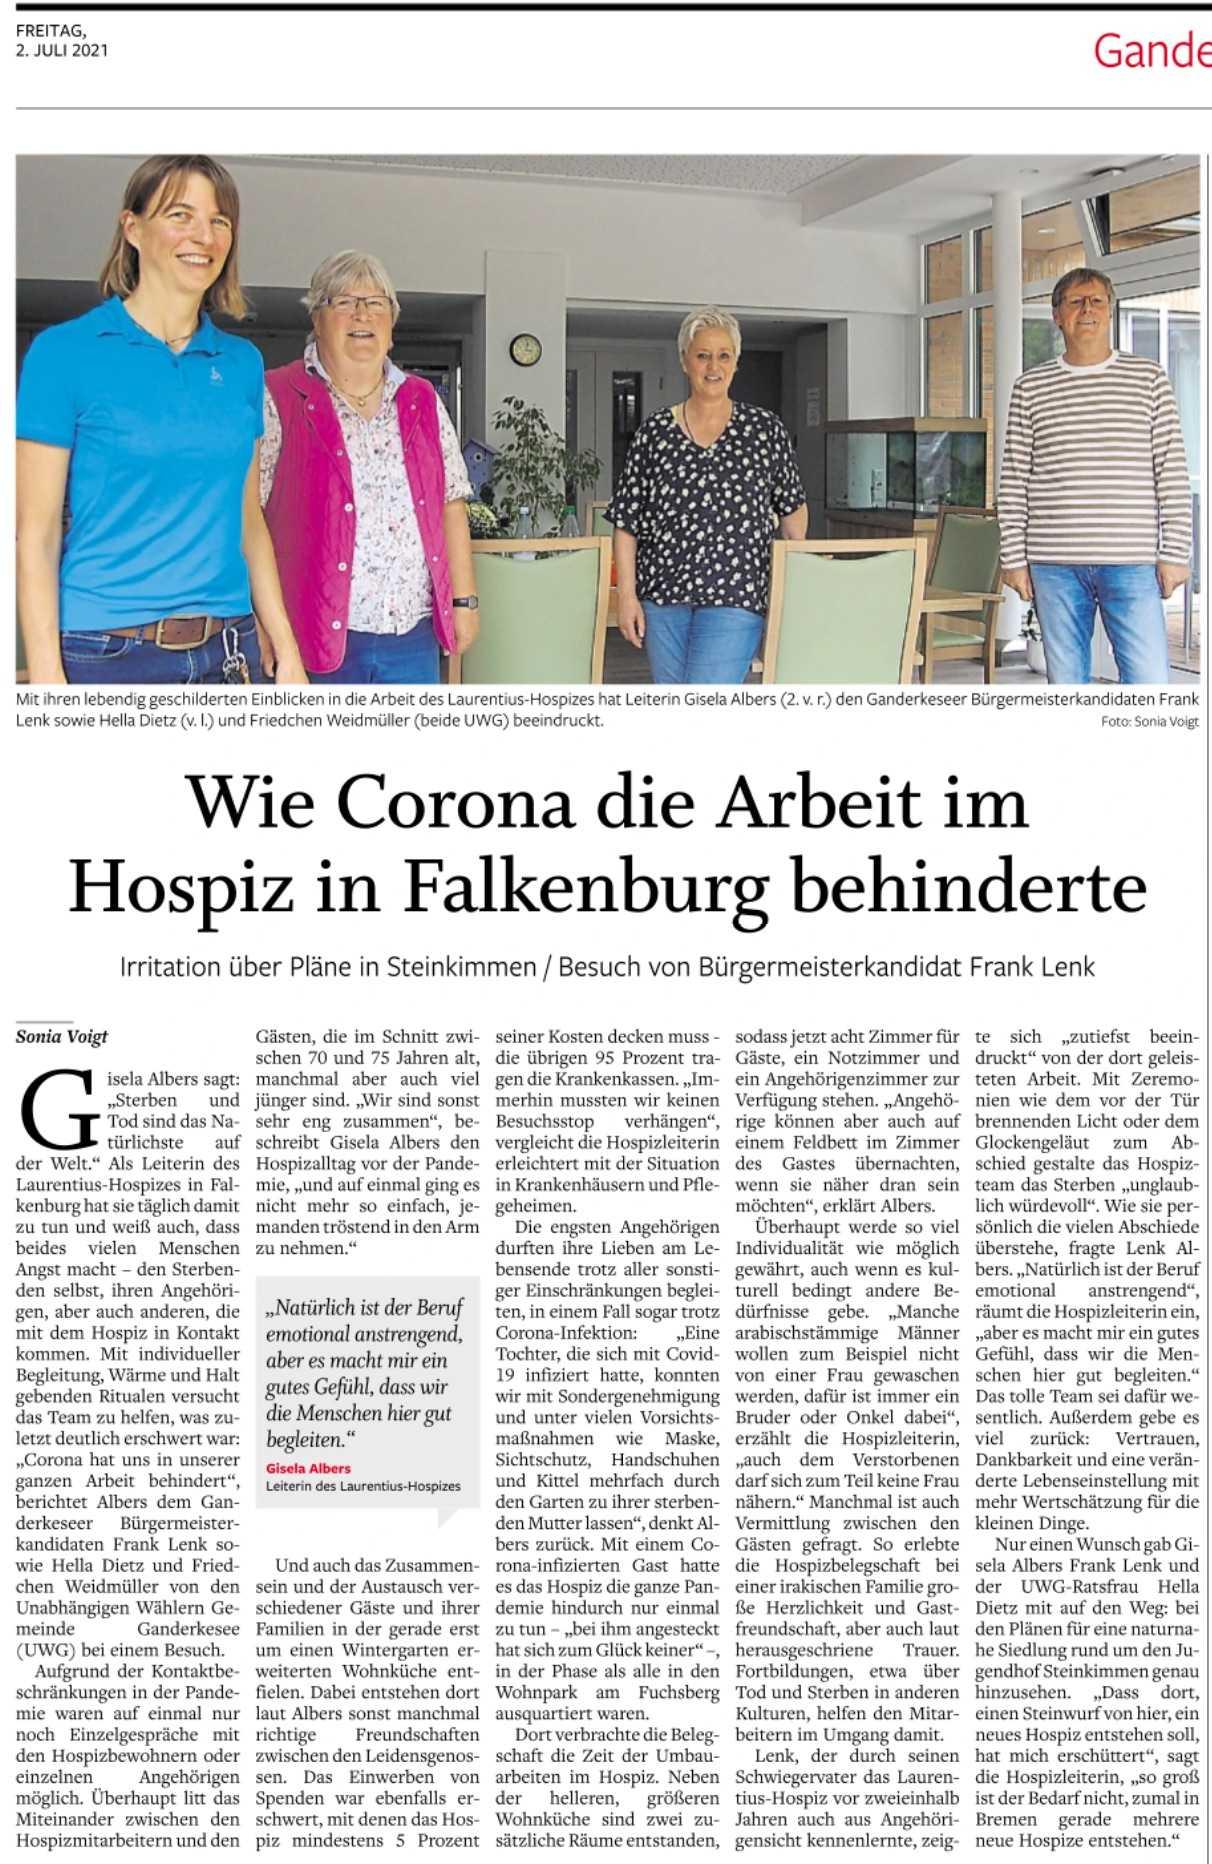 Hella Dietz, Friedchen Weidmüller und Frank Lenk zu Besuch im Hospiz in Falkenburg